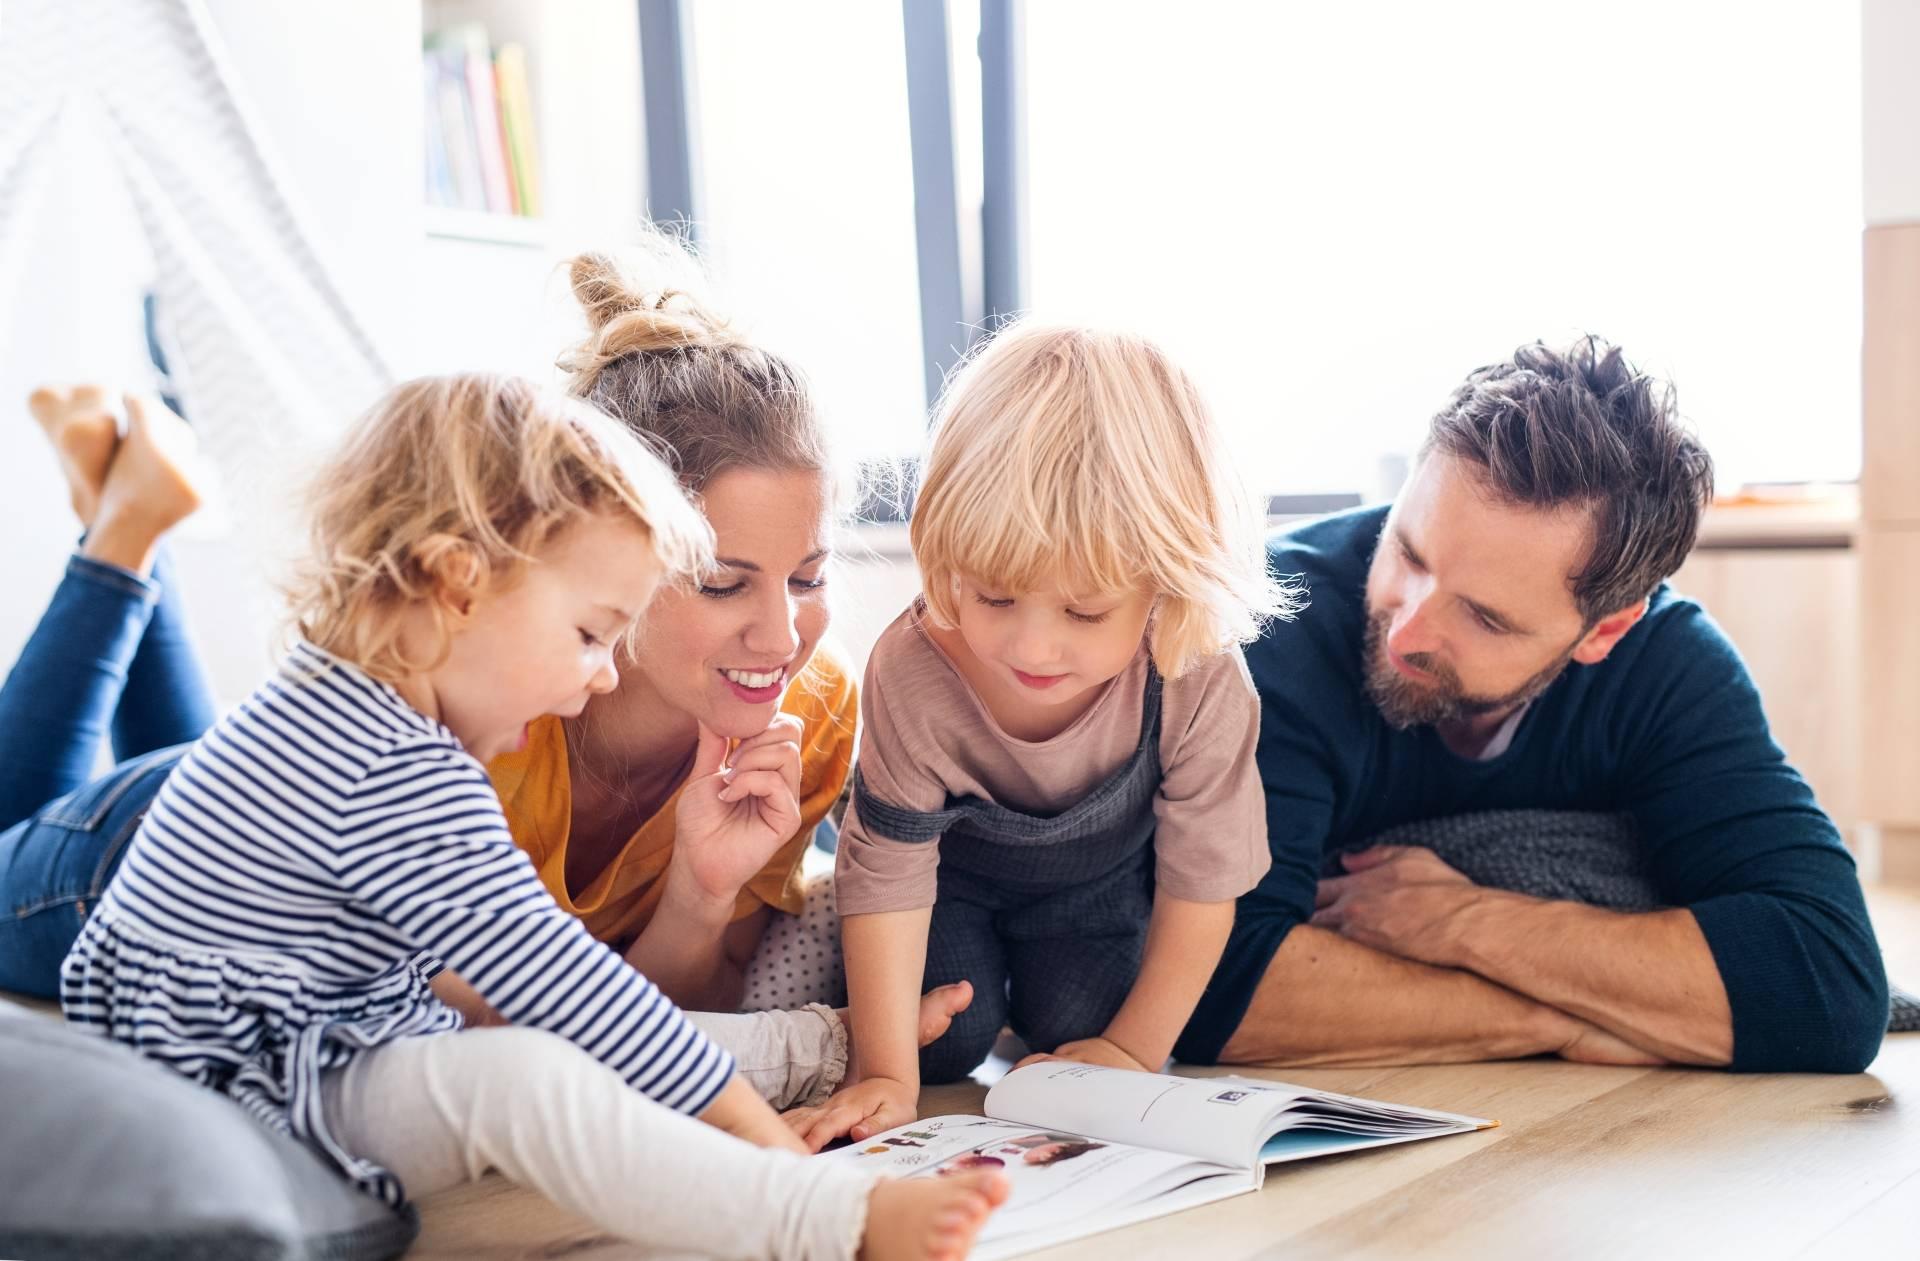 Rodzice czytają bajki wspólnie z dwójką swoich dzieci. Wspólne czytanie bajek dla dzieci.